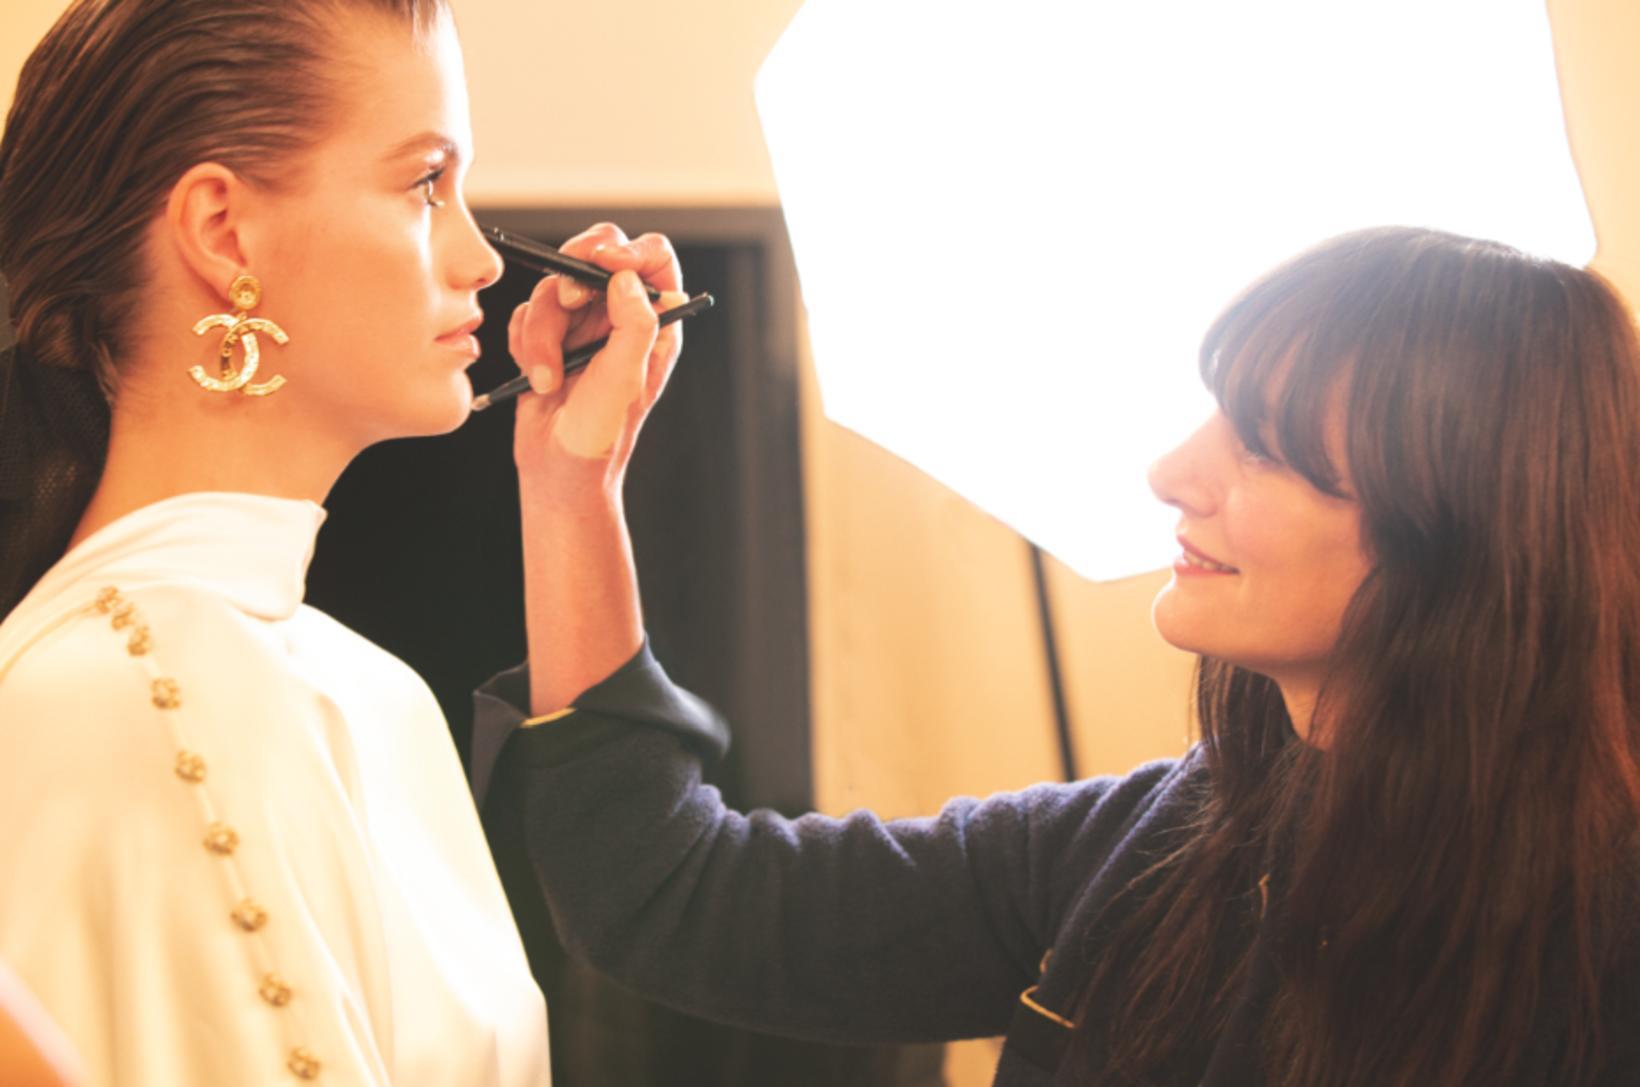 Lucia Pica, listrænn stjórnandi förðunar hjá Chanel, segir Baume Essentiel …